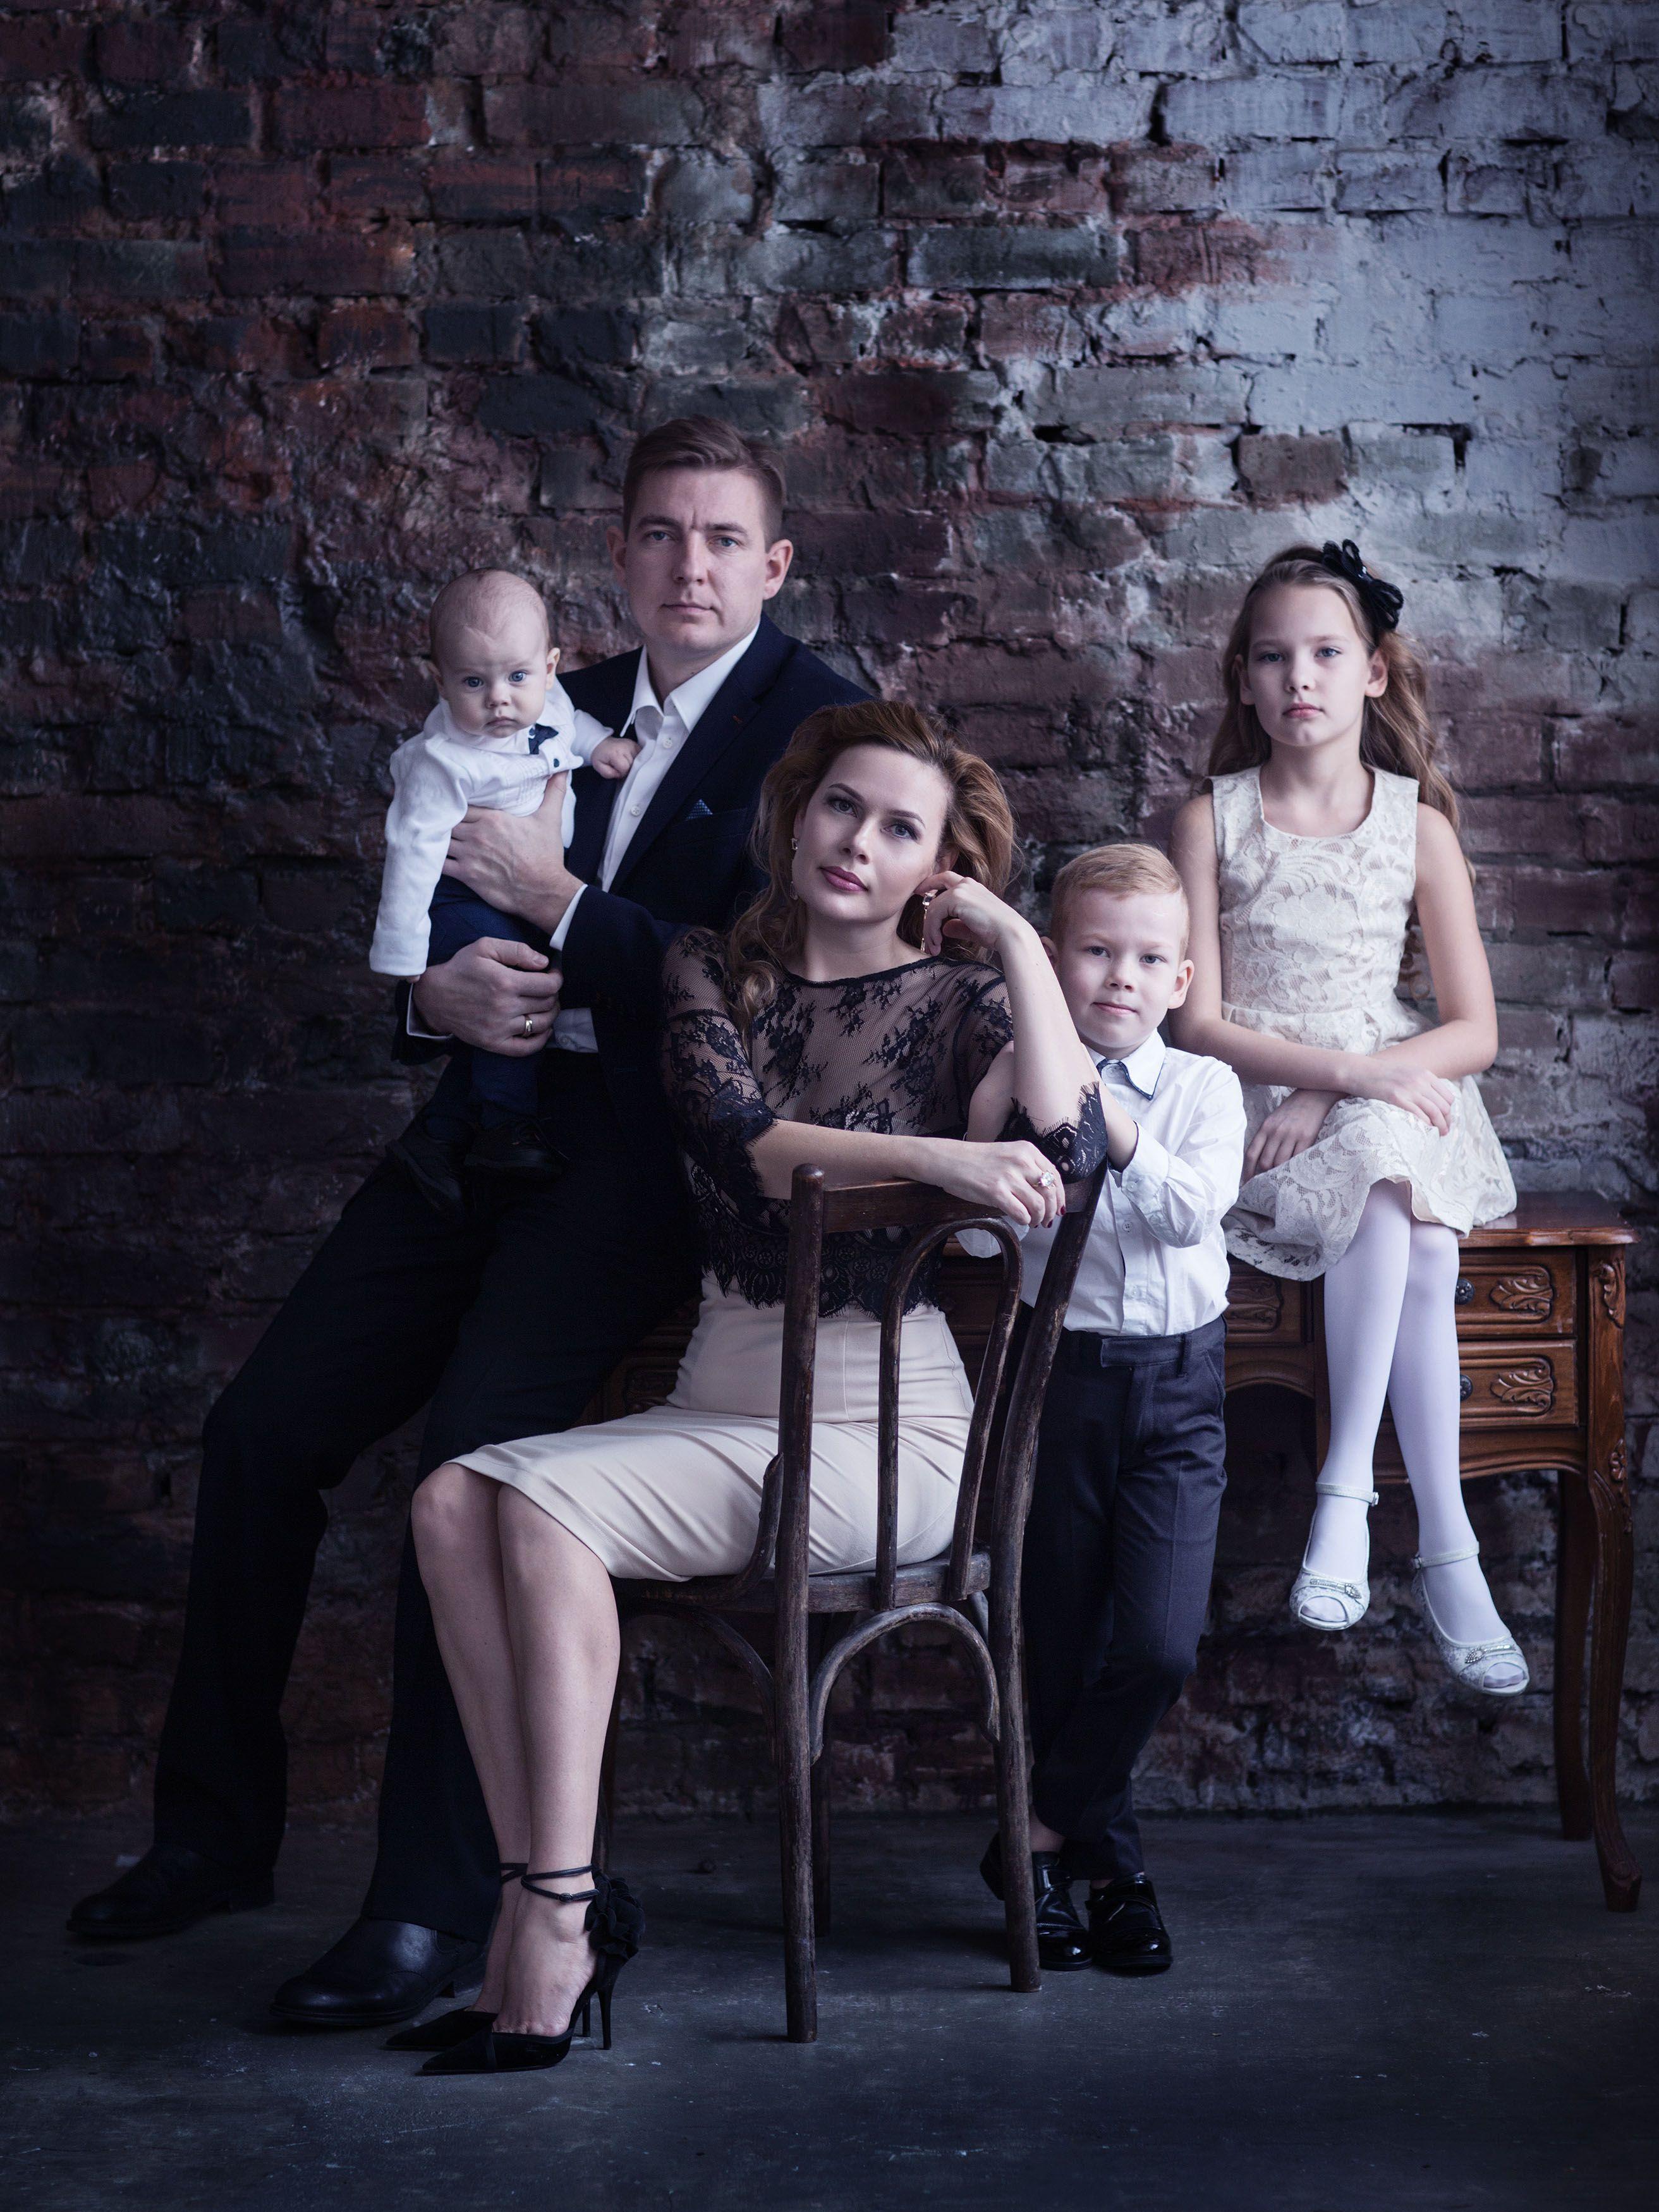 что идеи фото семье дома пистолете она выполняет